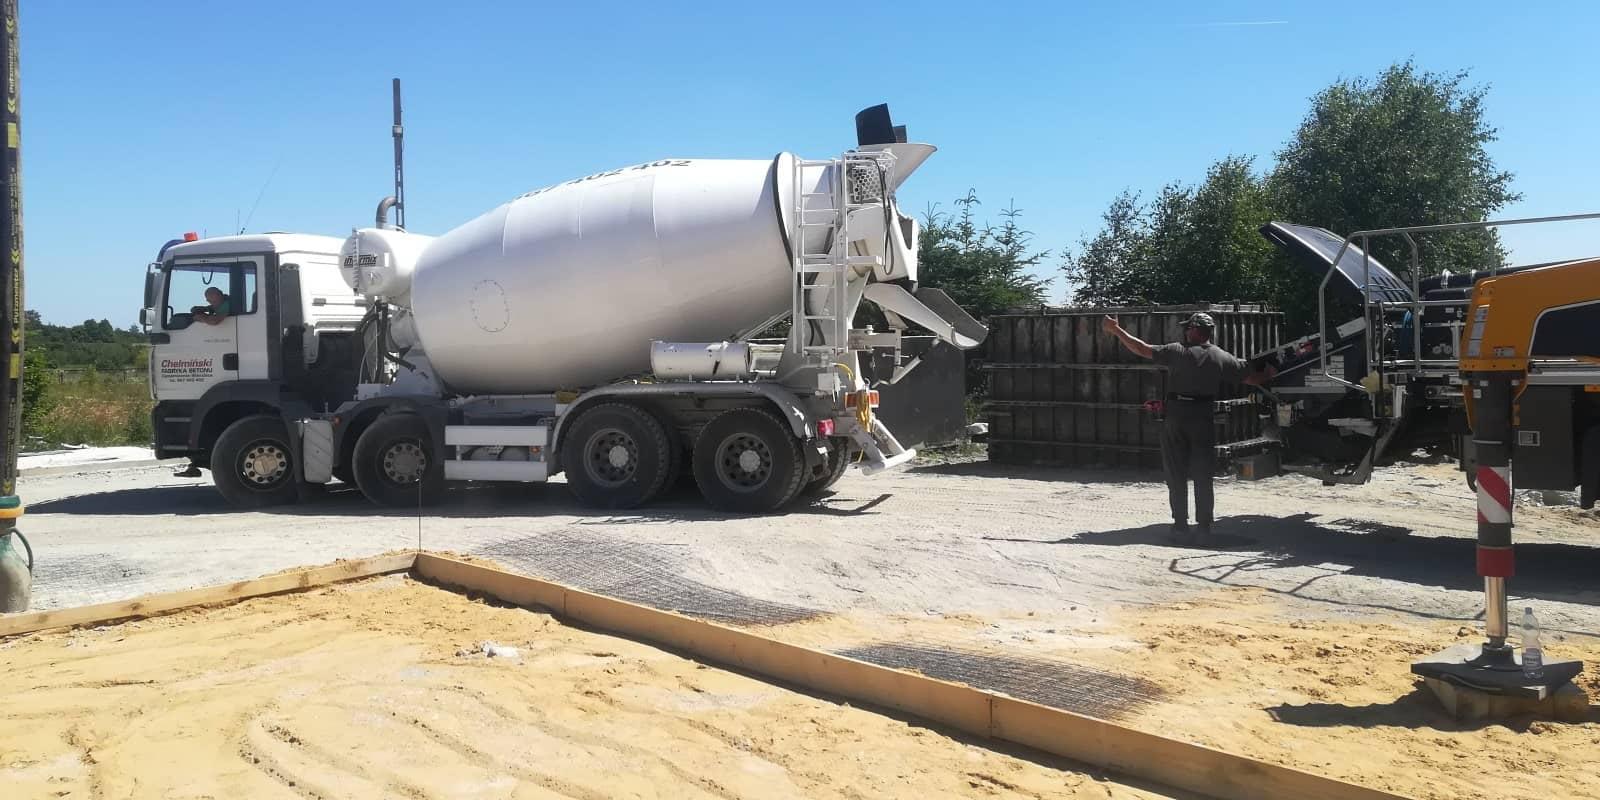 Szamba betonowe pomorskie